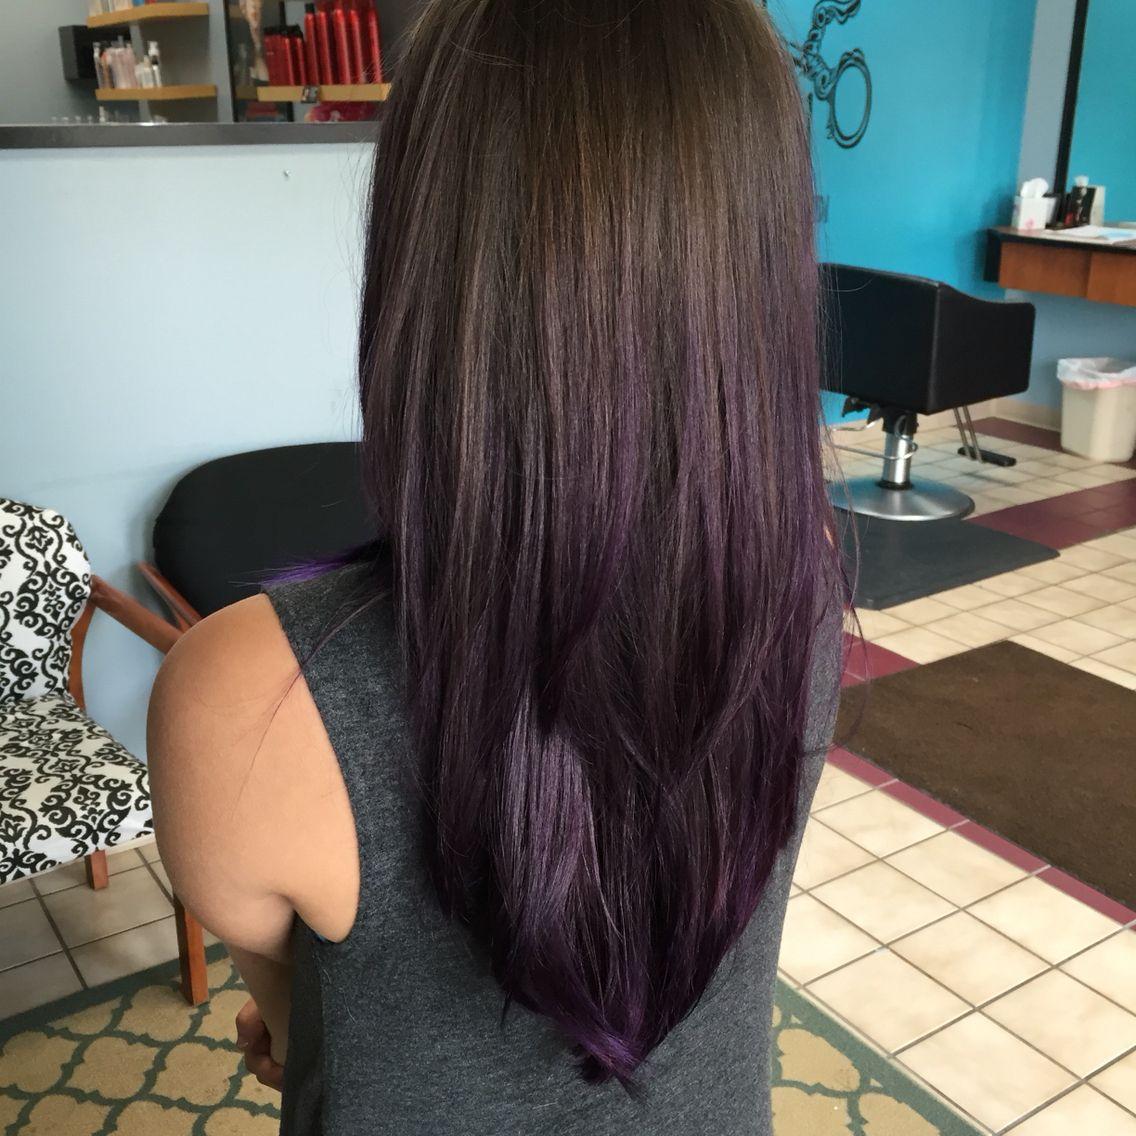 Purple Dye On Medium Brown Hair No Bleach I Would Love This Over All The Hair Brown Hair Dye Bleached Hair Medium Brown Hair